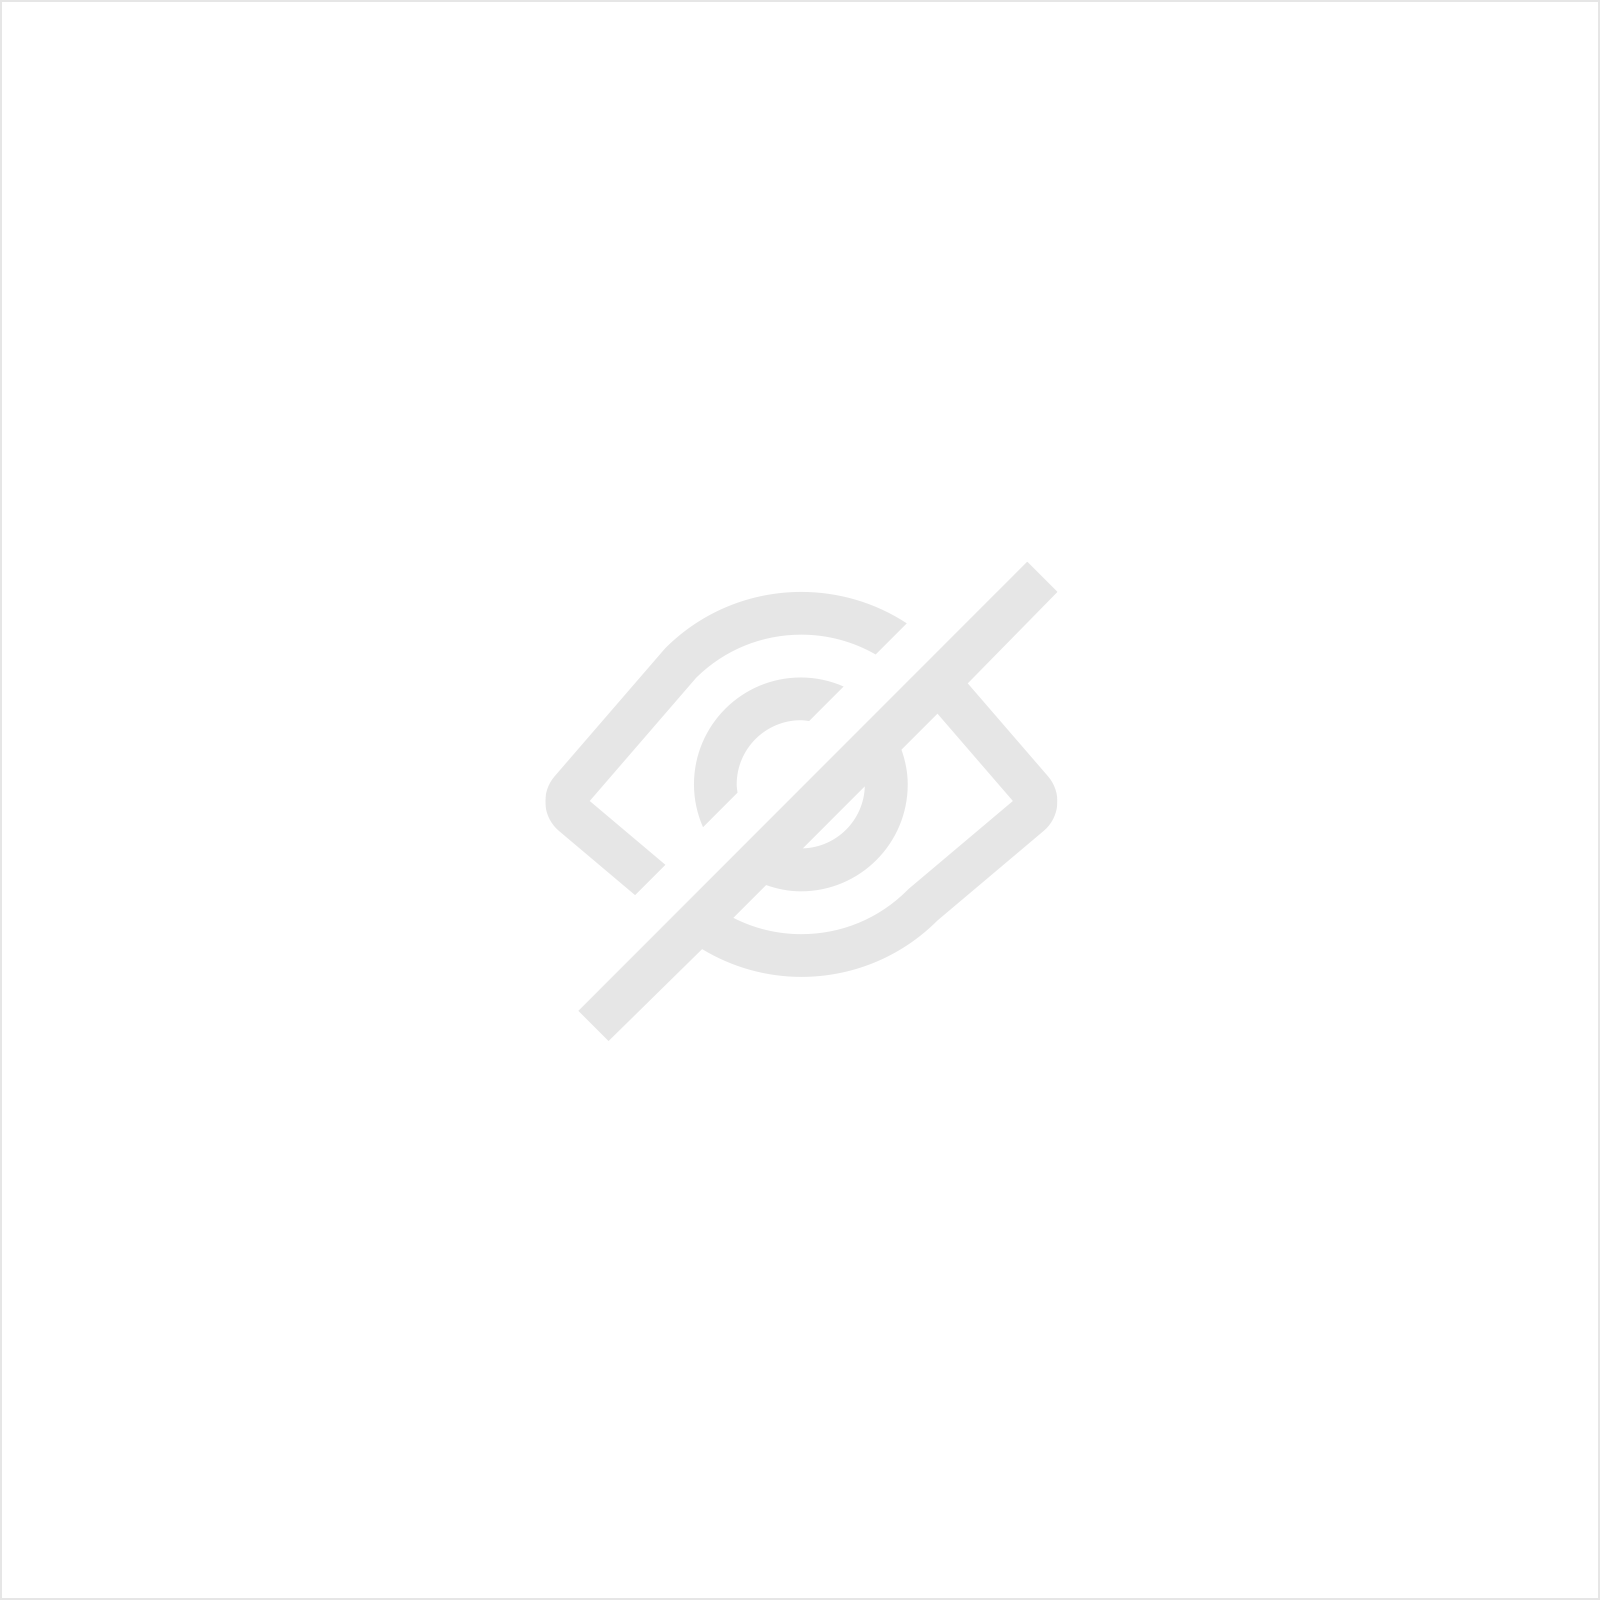 JEU DE MOLETTES OPTIONNELLES - 1/8 DOUBLE TAPER PINSTRI ROLL - POUR BORDEUSE MOULUREUSE